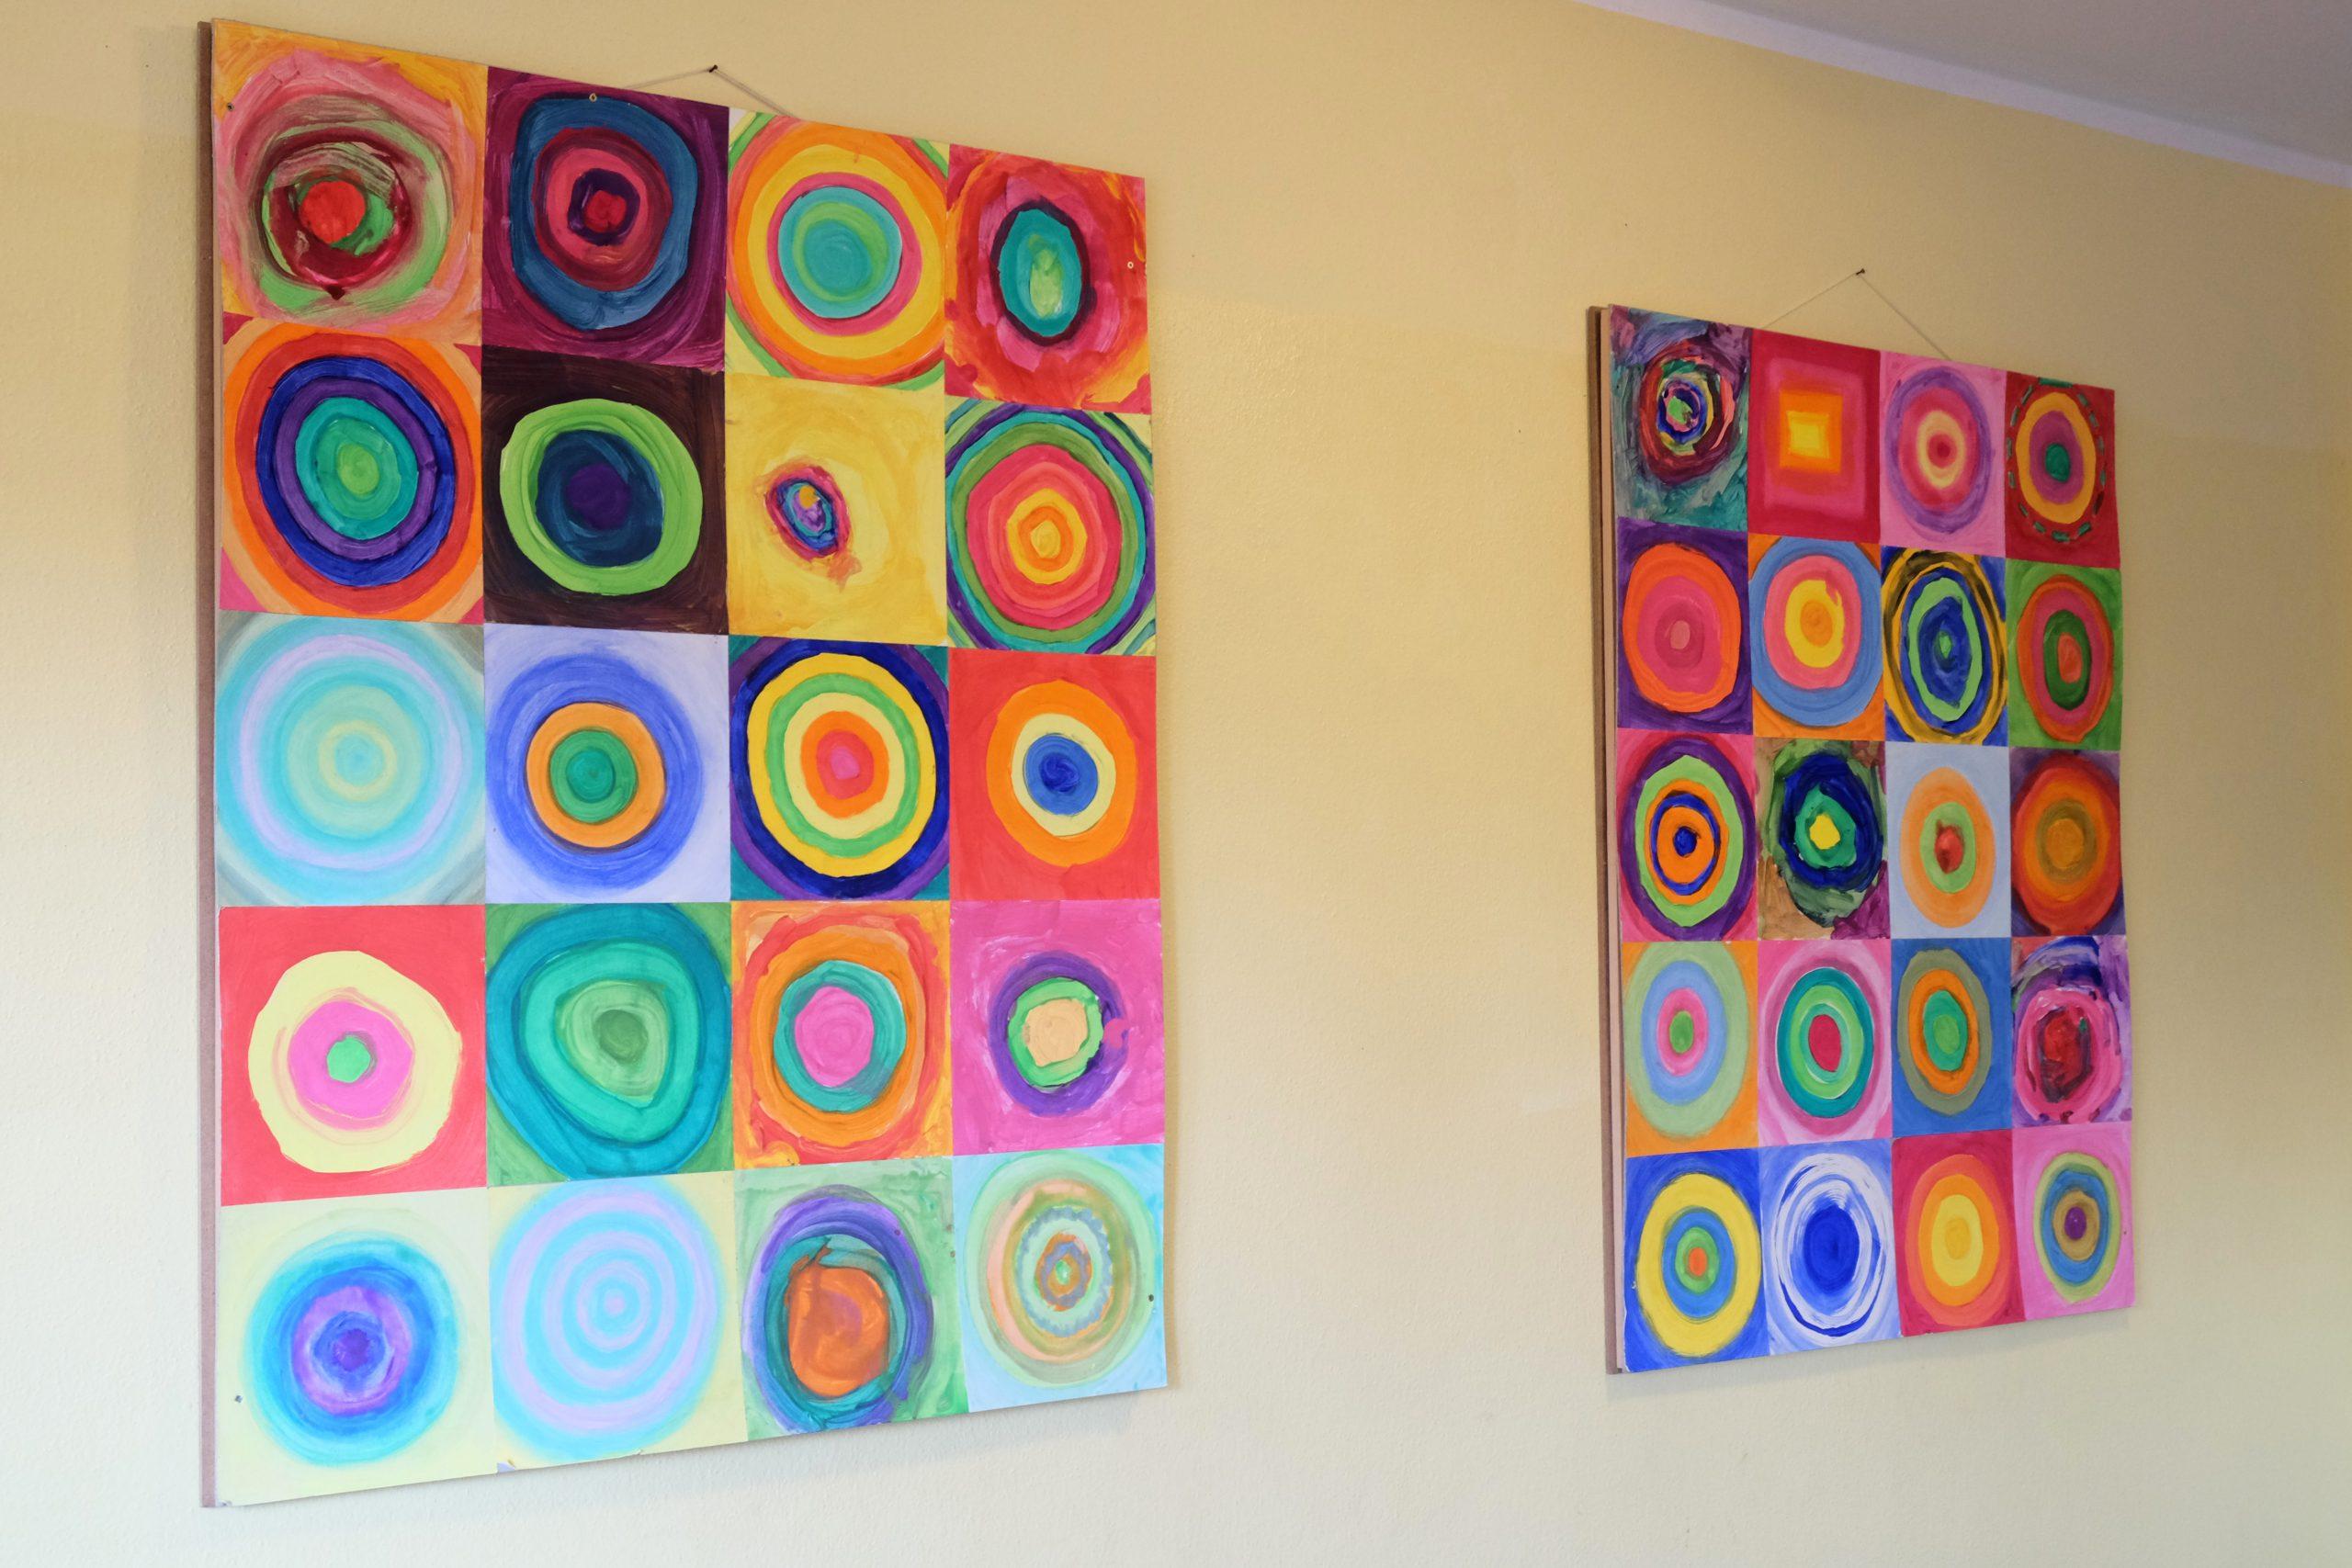 Farbenfrohe Kunstwerke hängen an der Wand